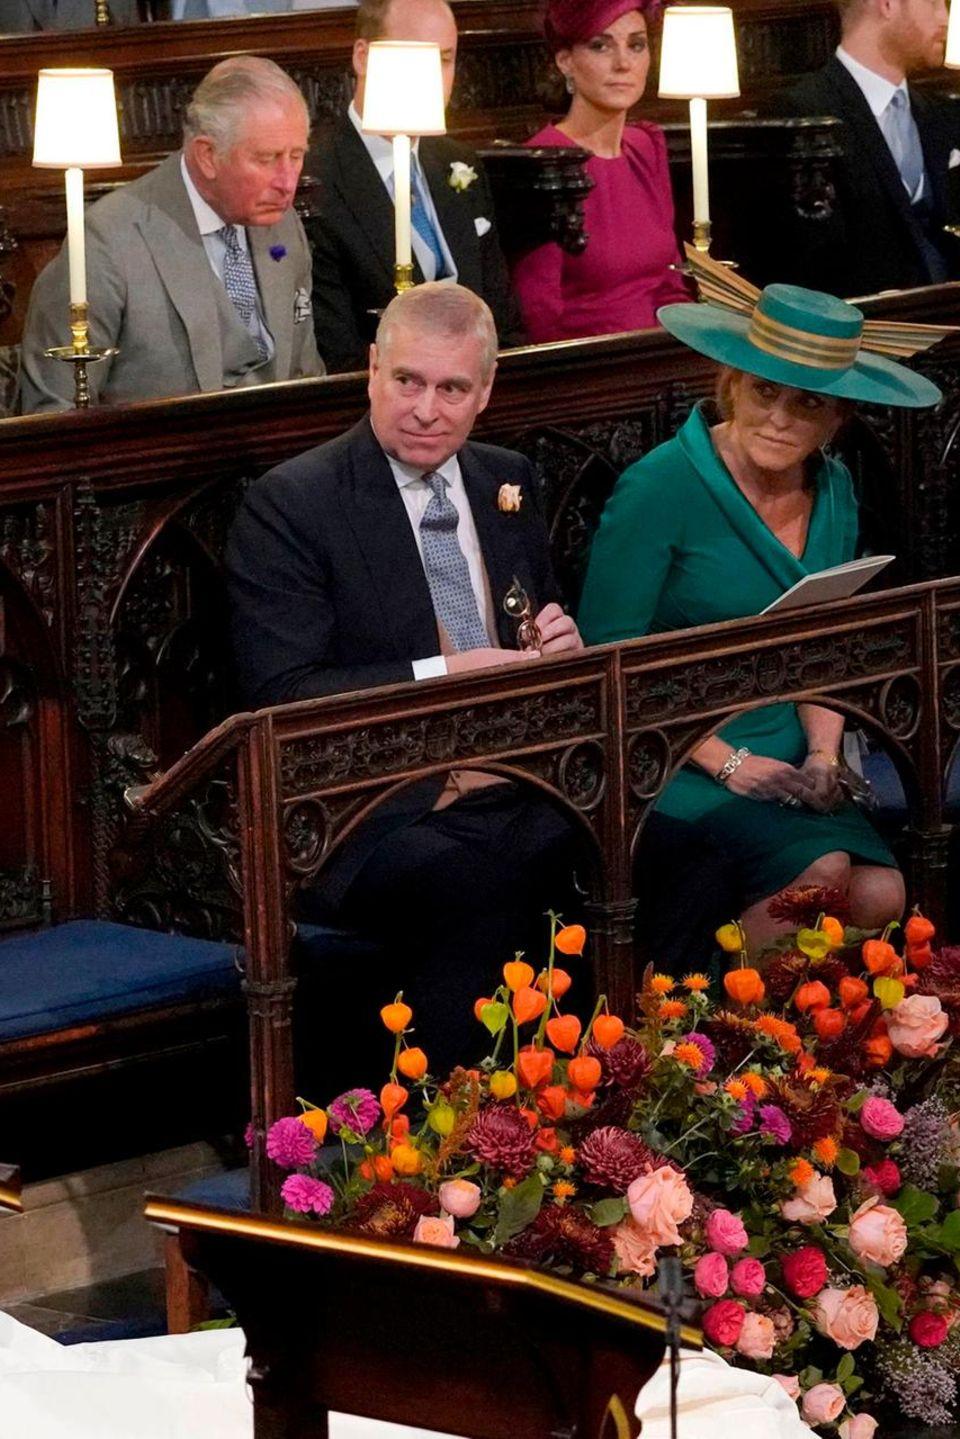 Prinz Philip saß während der Trauung von Prinzessin Eugenie und Jack Brooksbank direkt hinter Prinz Andrew und Sarah Ferguson